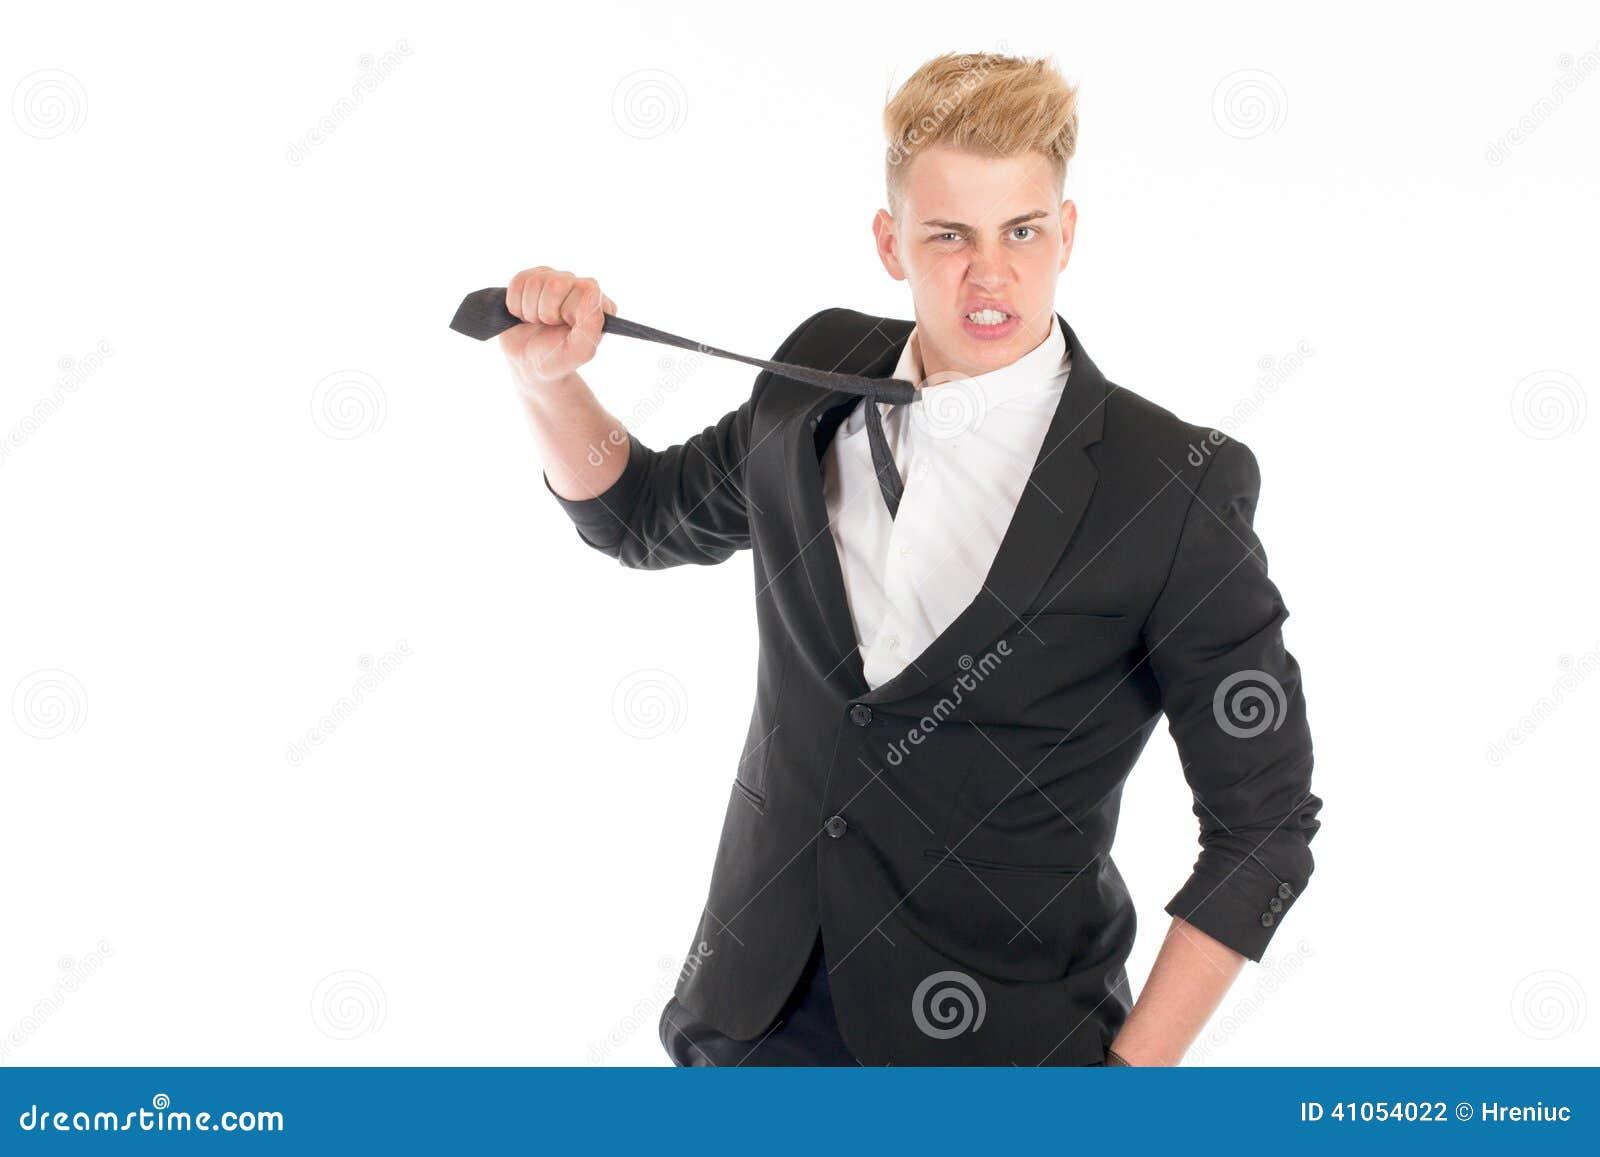 Beau Costume Homme concernant portrait en gros plan d'un jeune homme beau dans un costume sur le